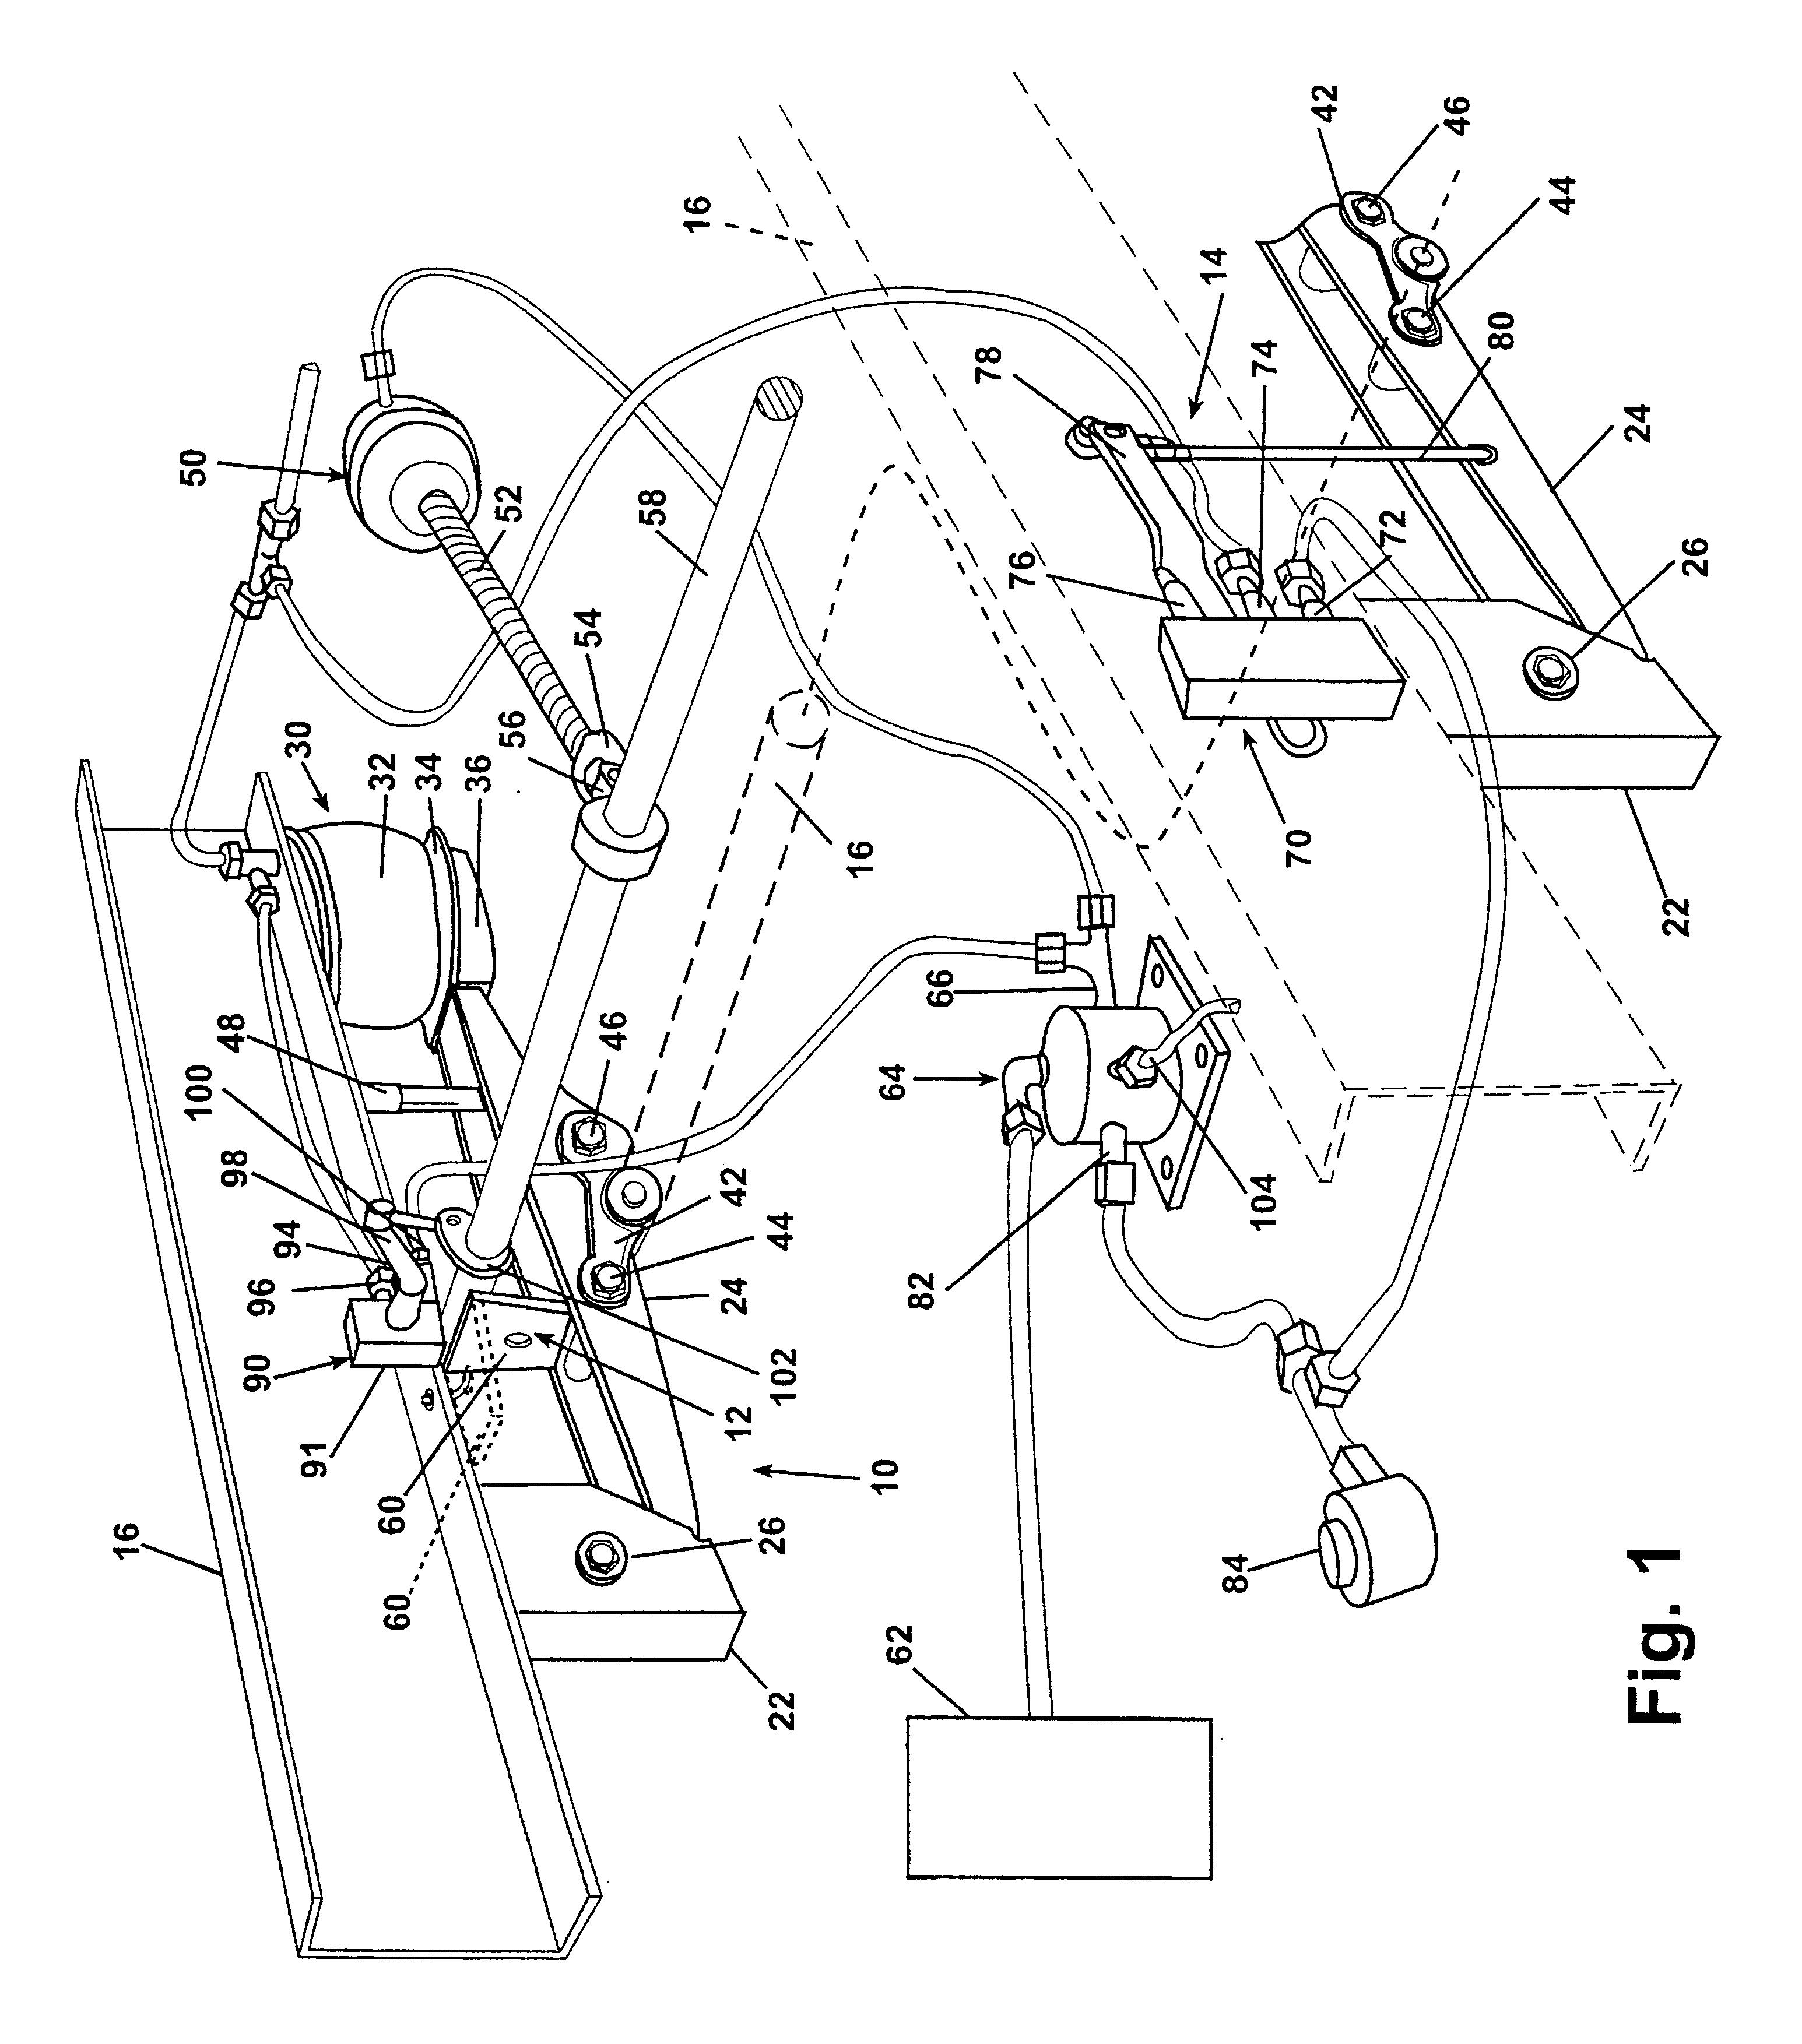 Patent Us6679509 Trailing Arm Suspension With Anti Creep